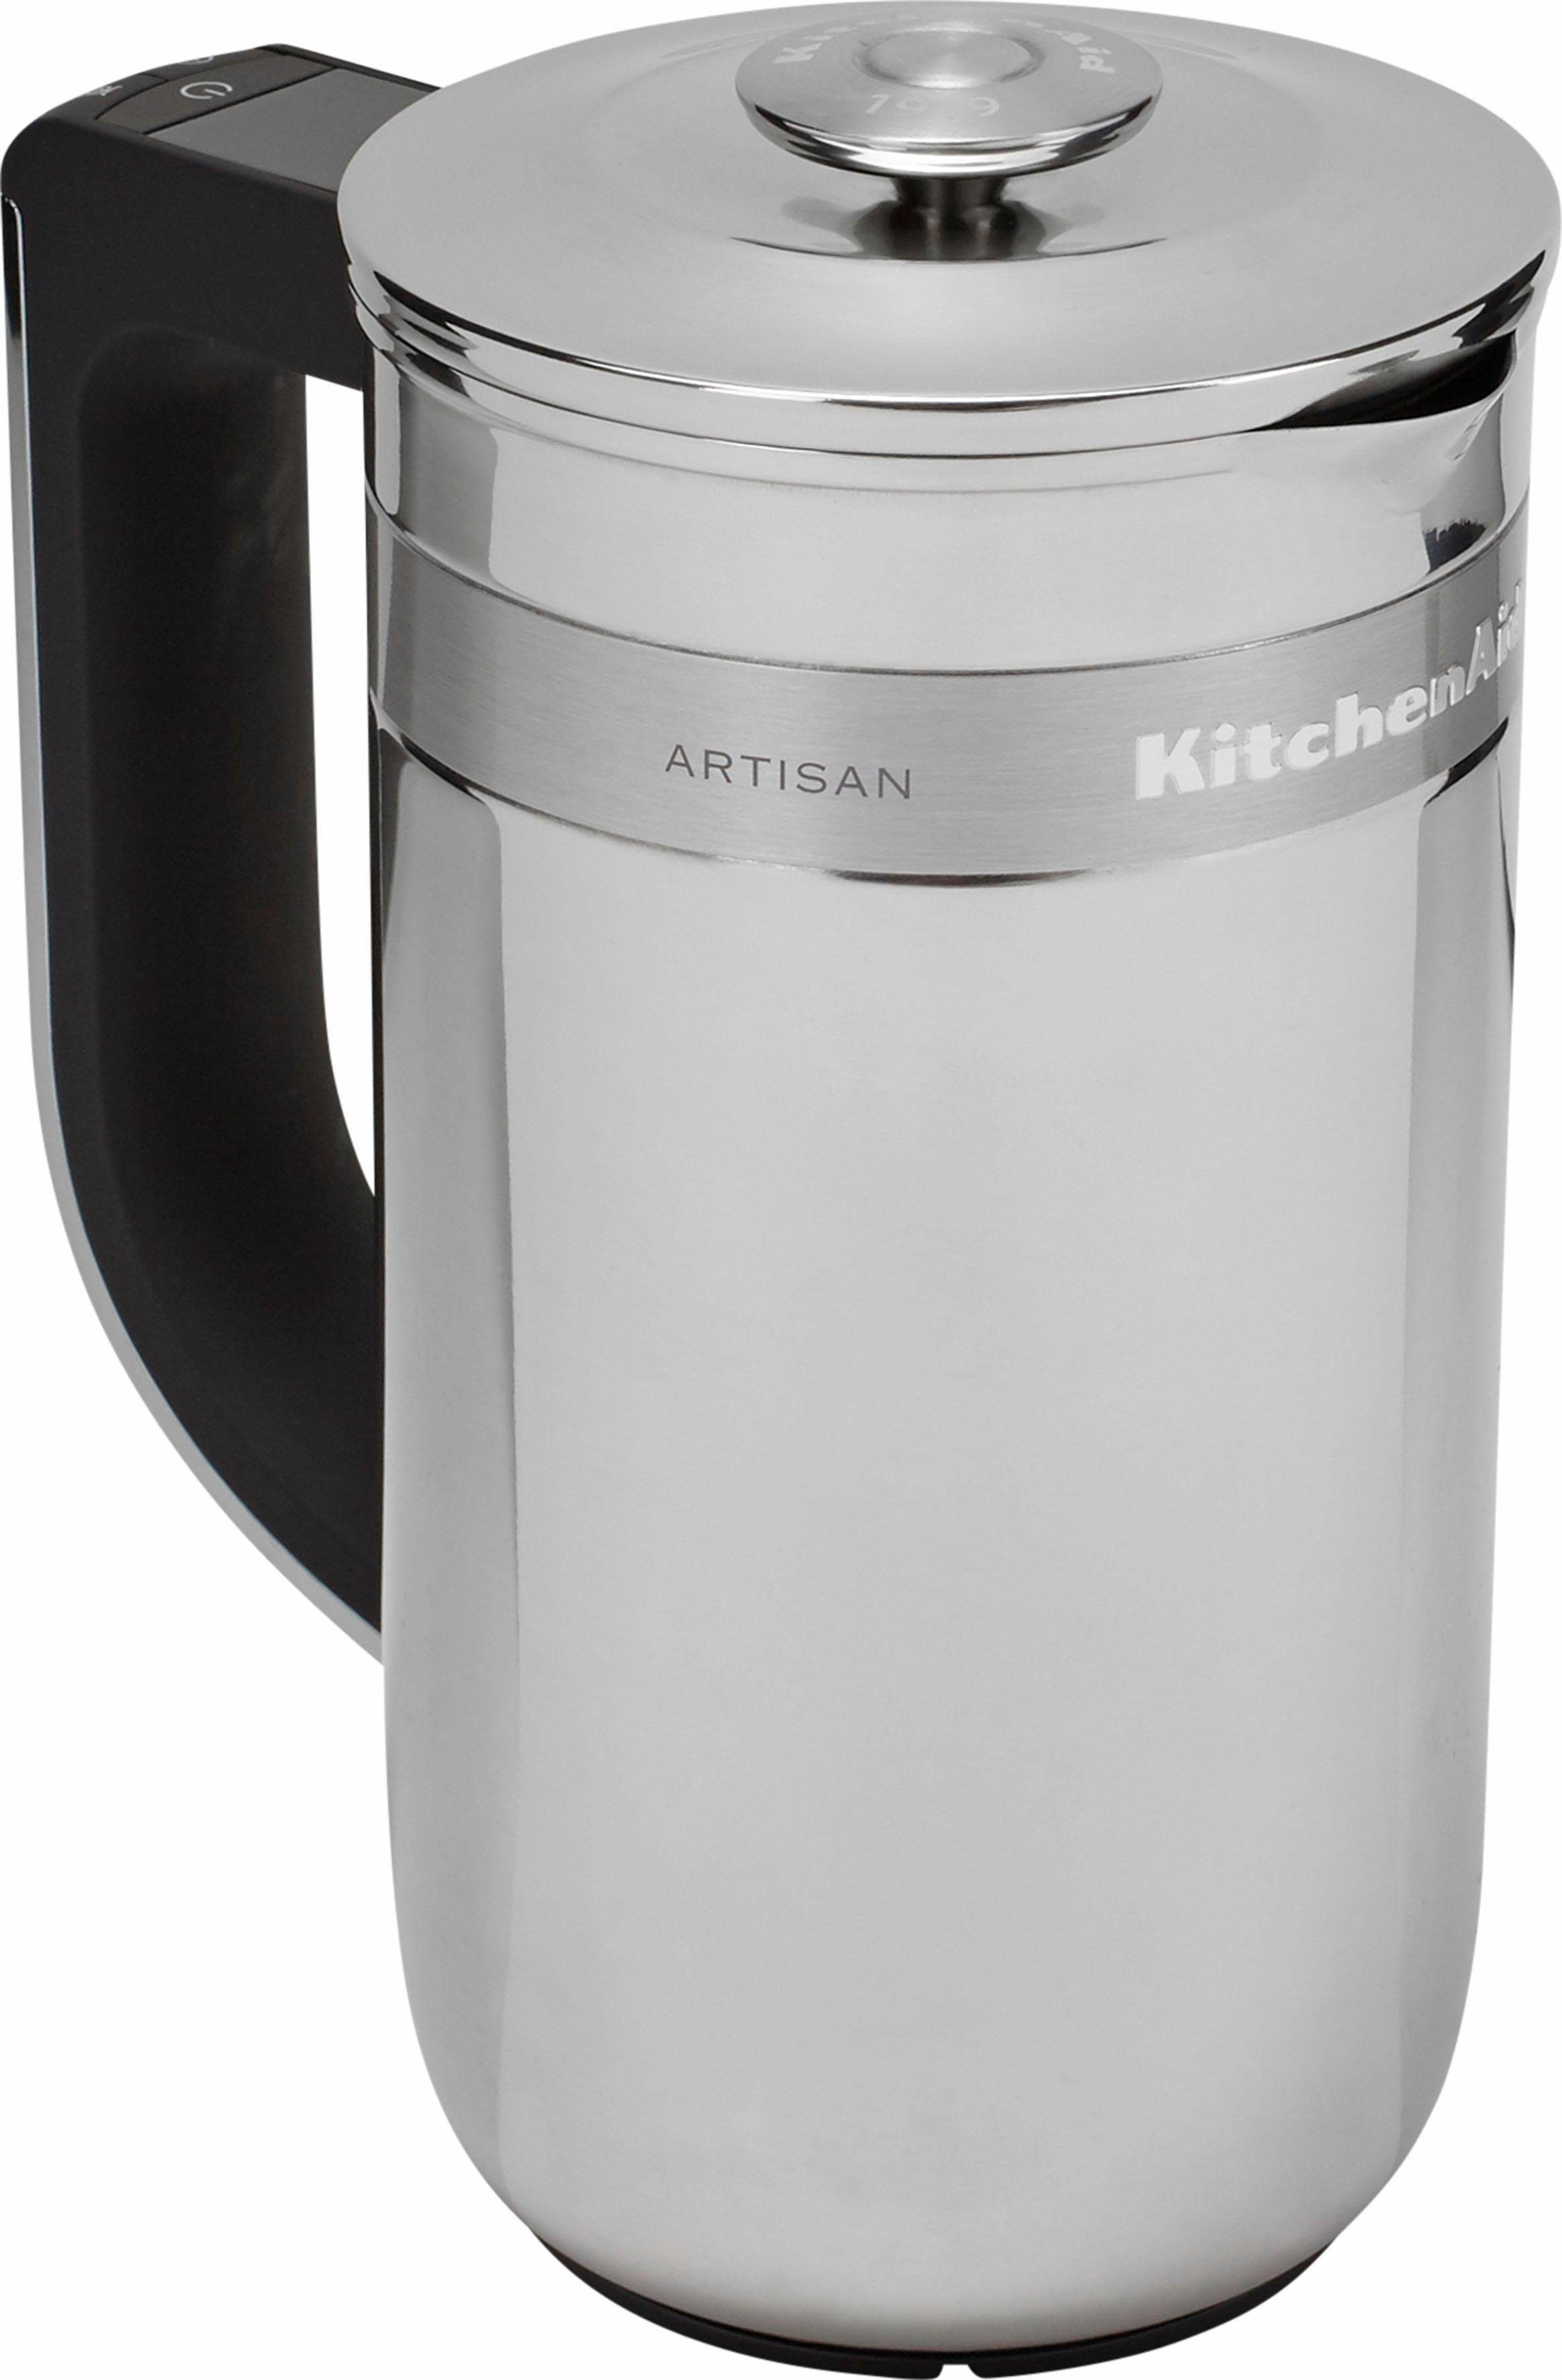 KitchenAid Kaffeebereiter Artisan 5KCM0512EES, mit eingebauter Waage und Timer